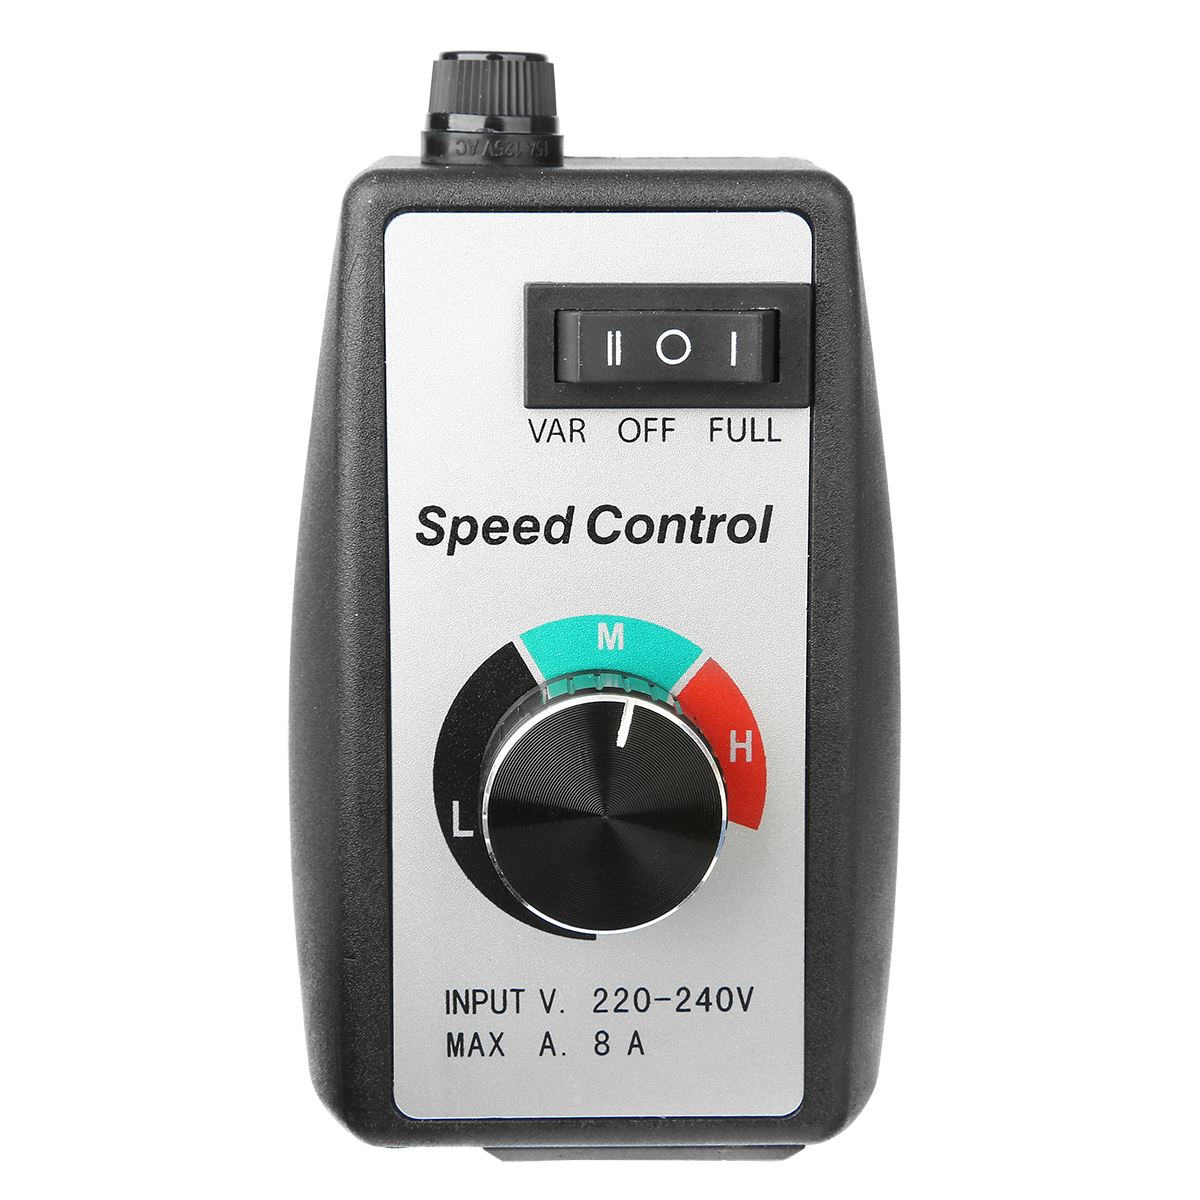 220-240V 8A Router Speed Control Elektrische Motor Rheostat Variable Geschwindigkeit Motor Controller Beleuchtung Fans Power Werkzeuge Zubehör